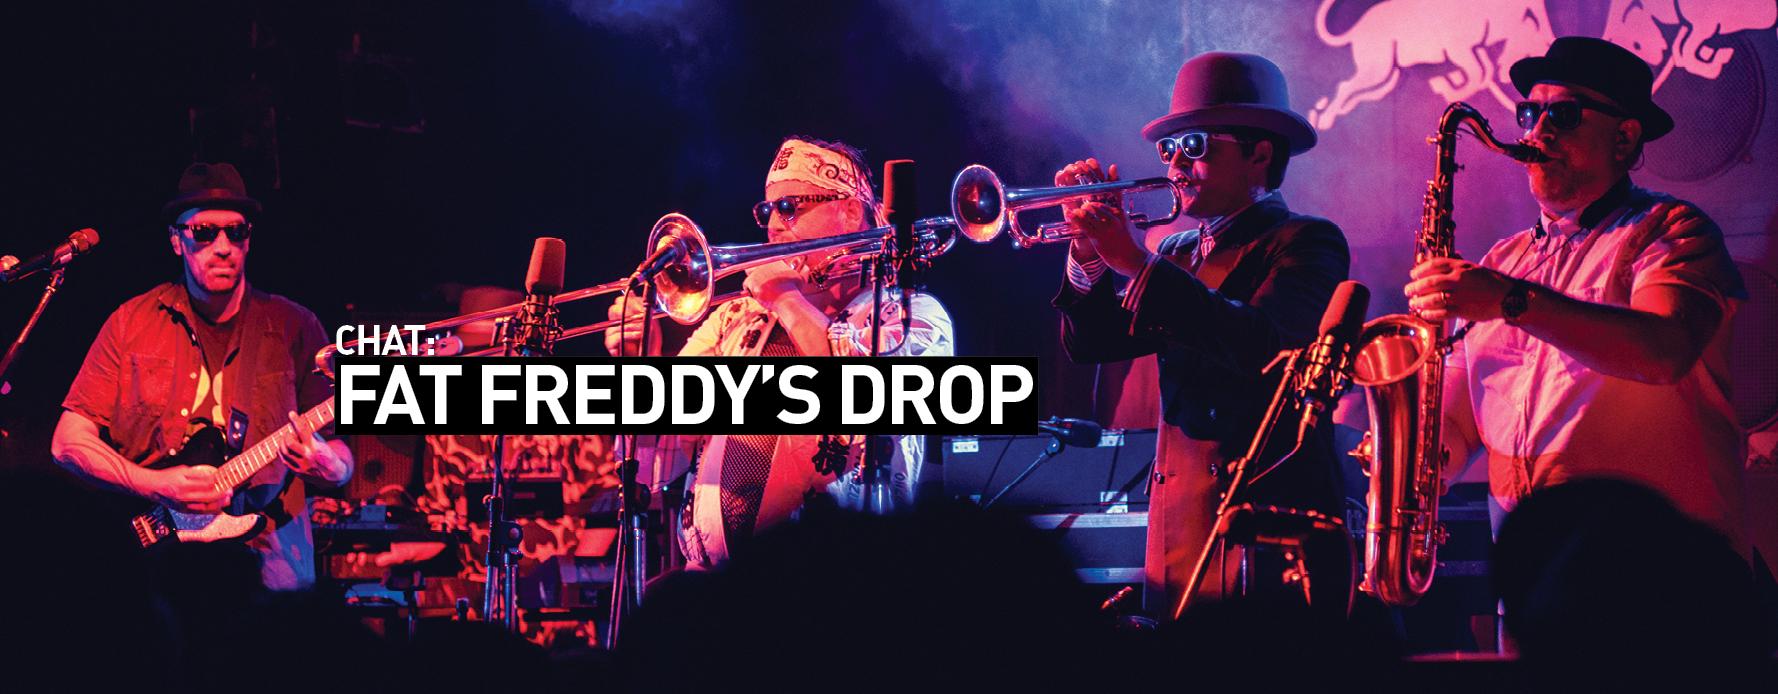 source: Fat Freddy's Drop